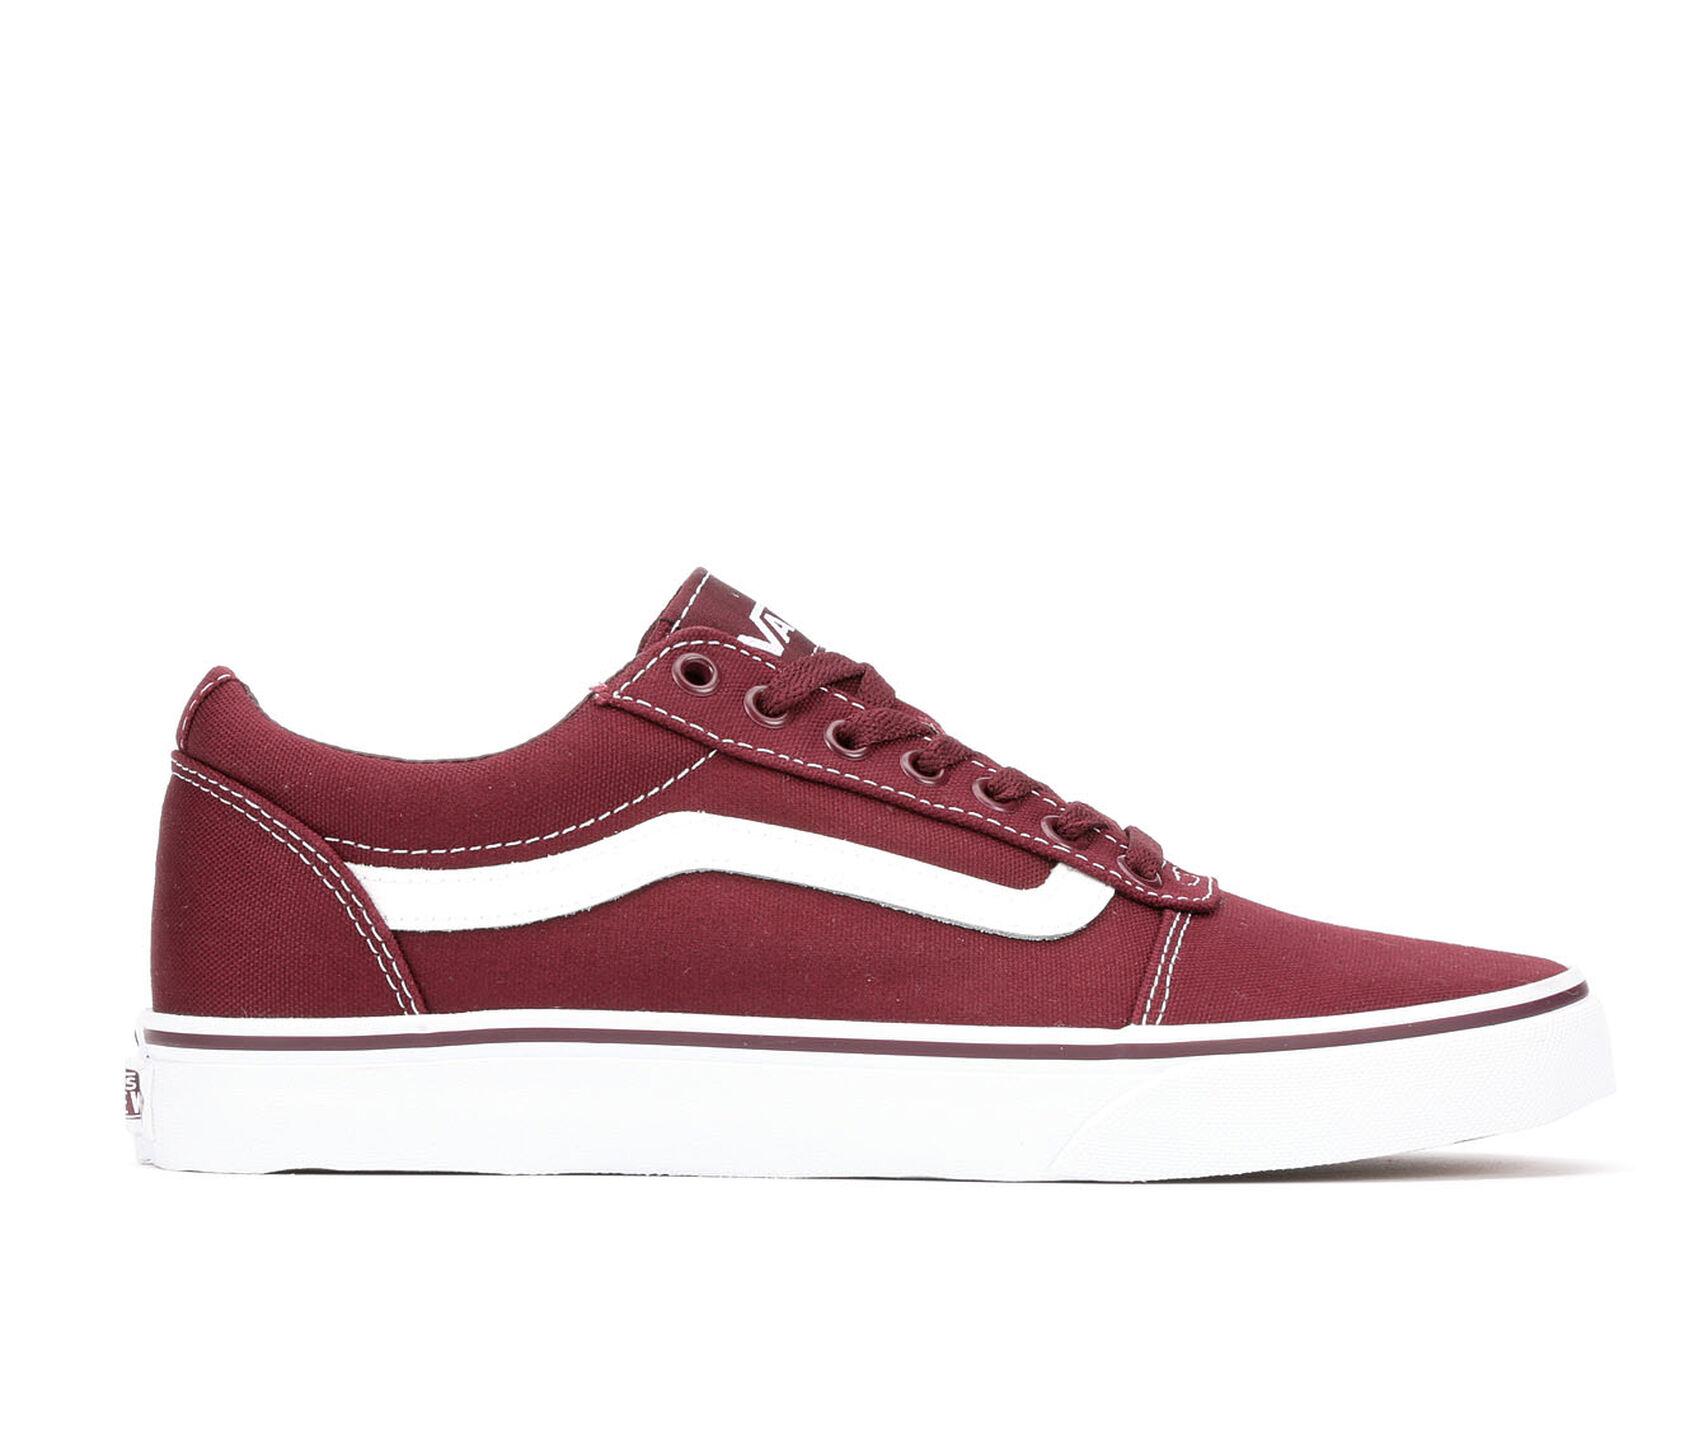 6ca79e2dde95fa Men s Vans Ward Skate Shoes